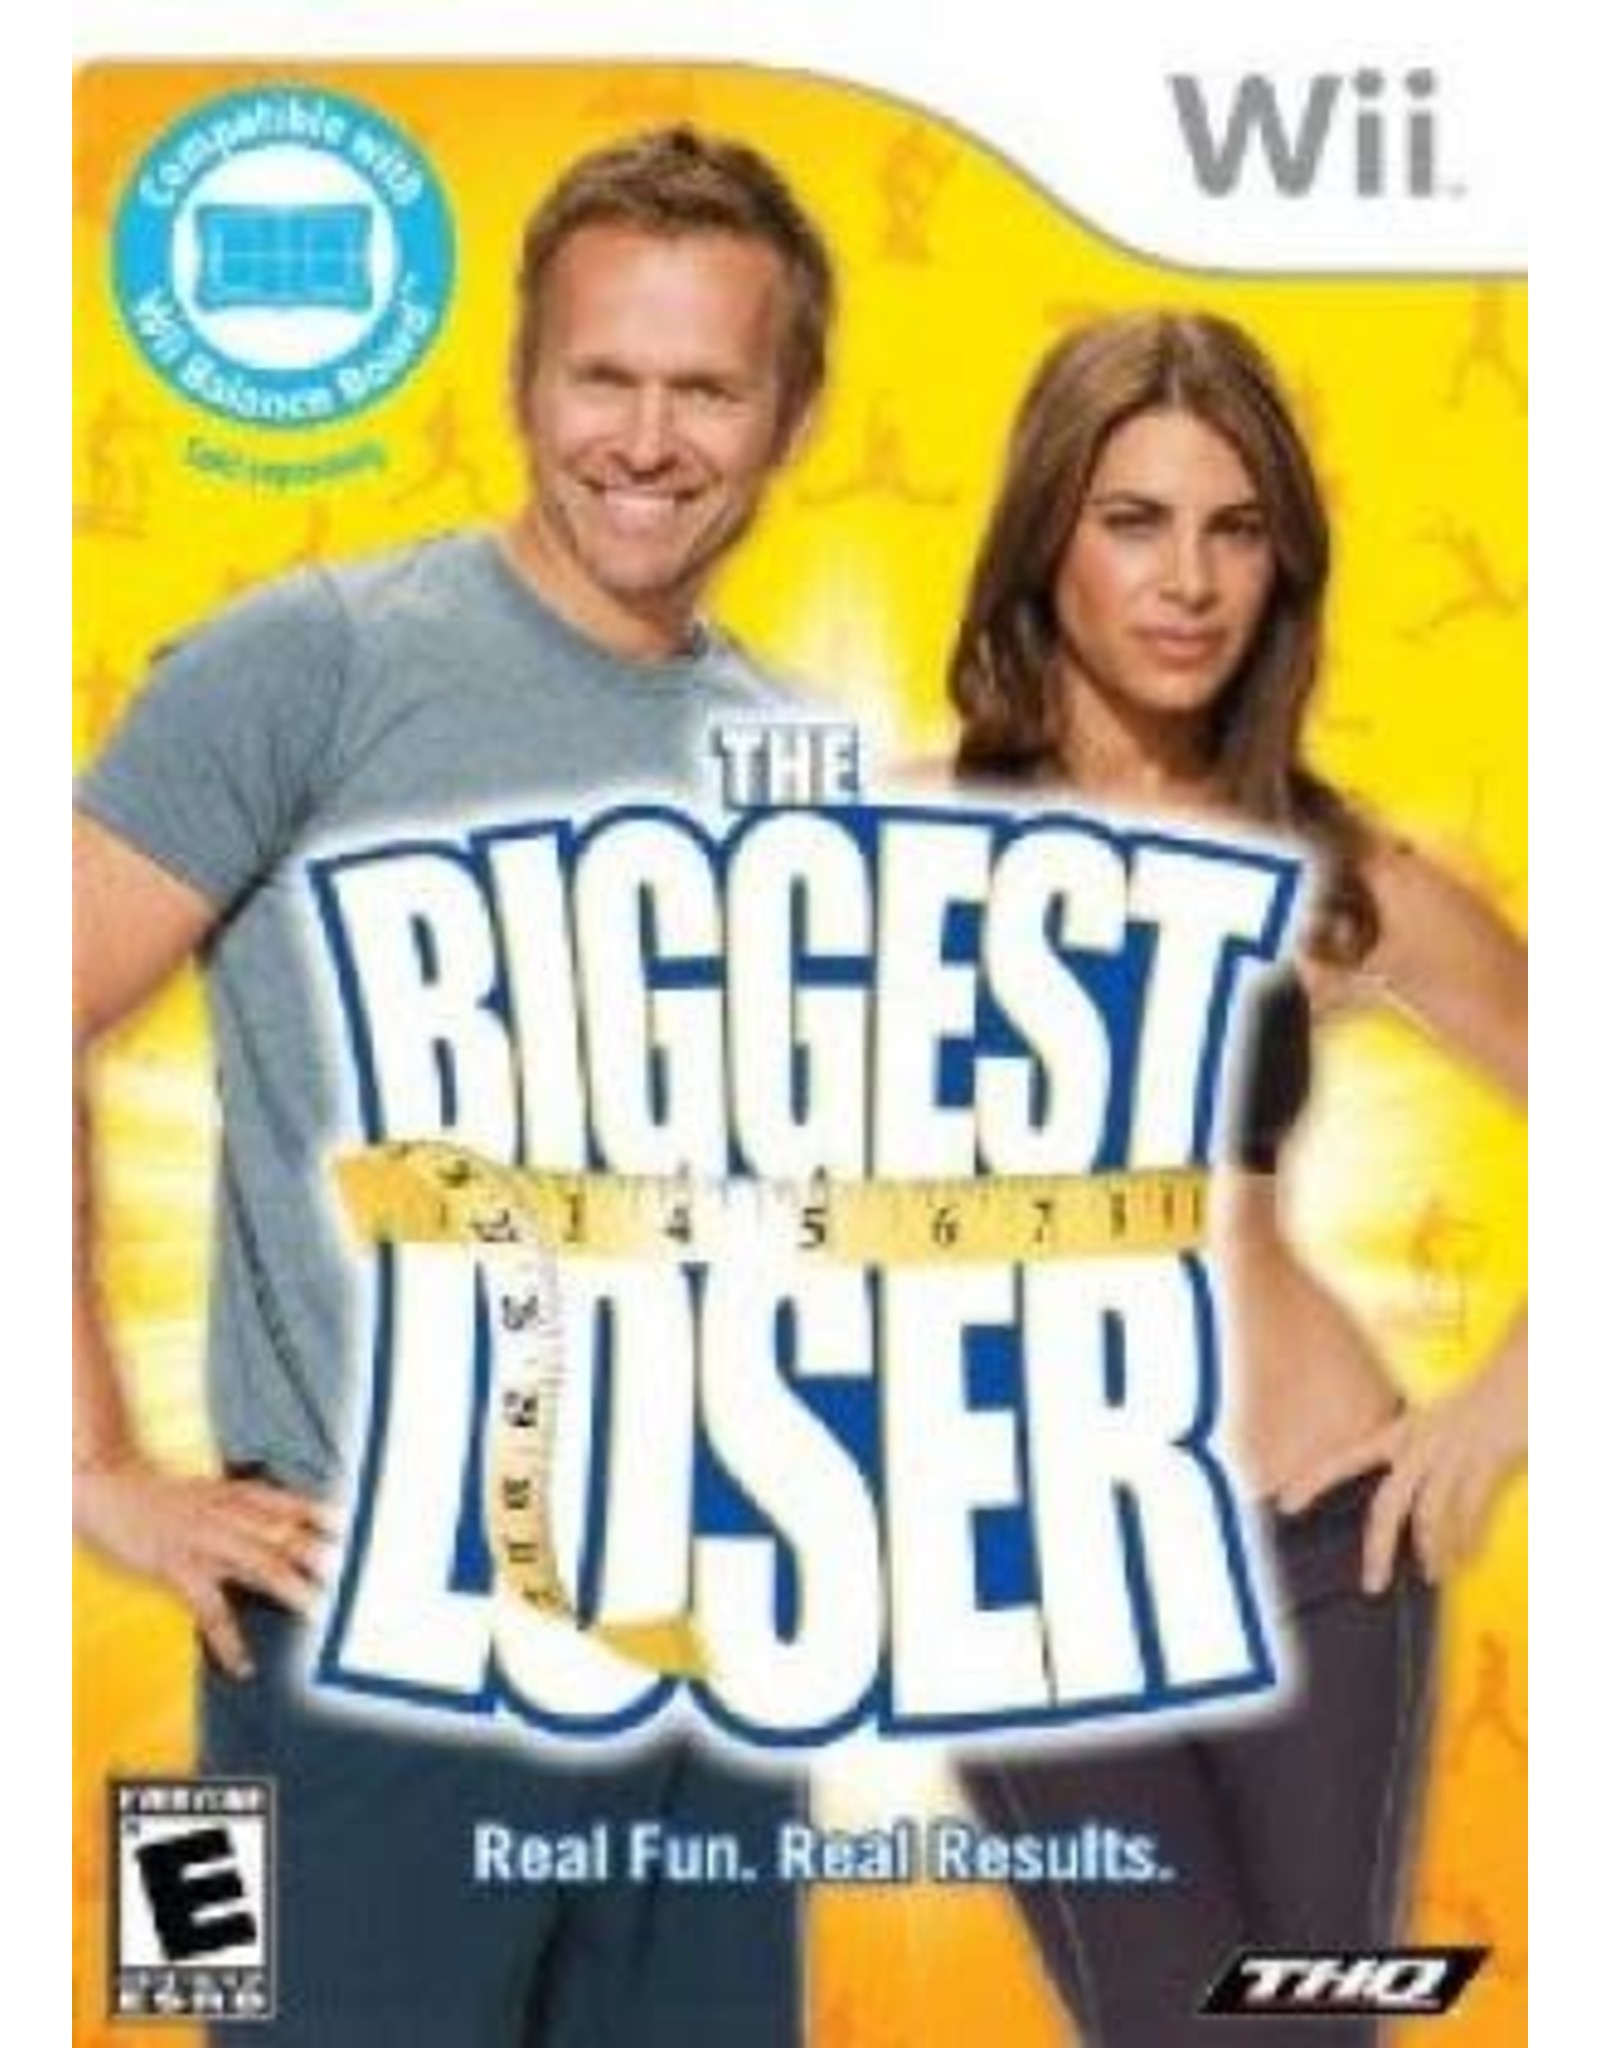 Wii Biggest Loser, The (CiB)